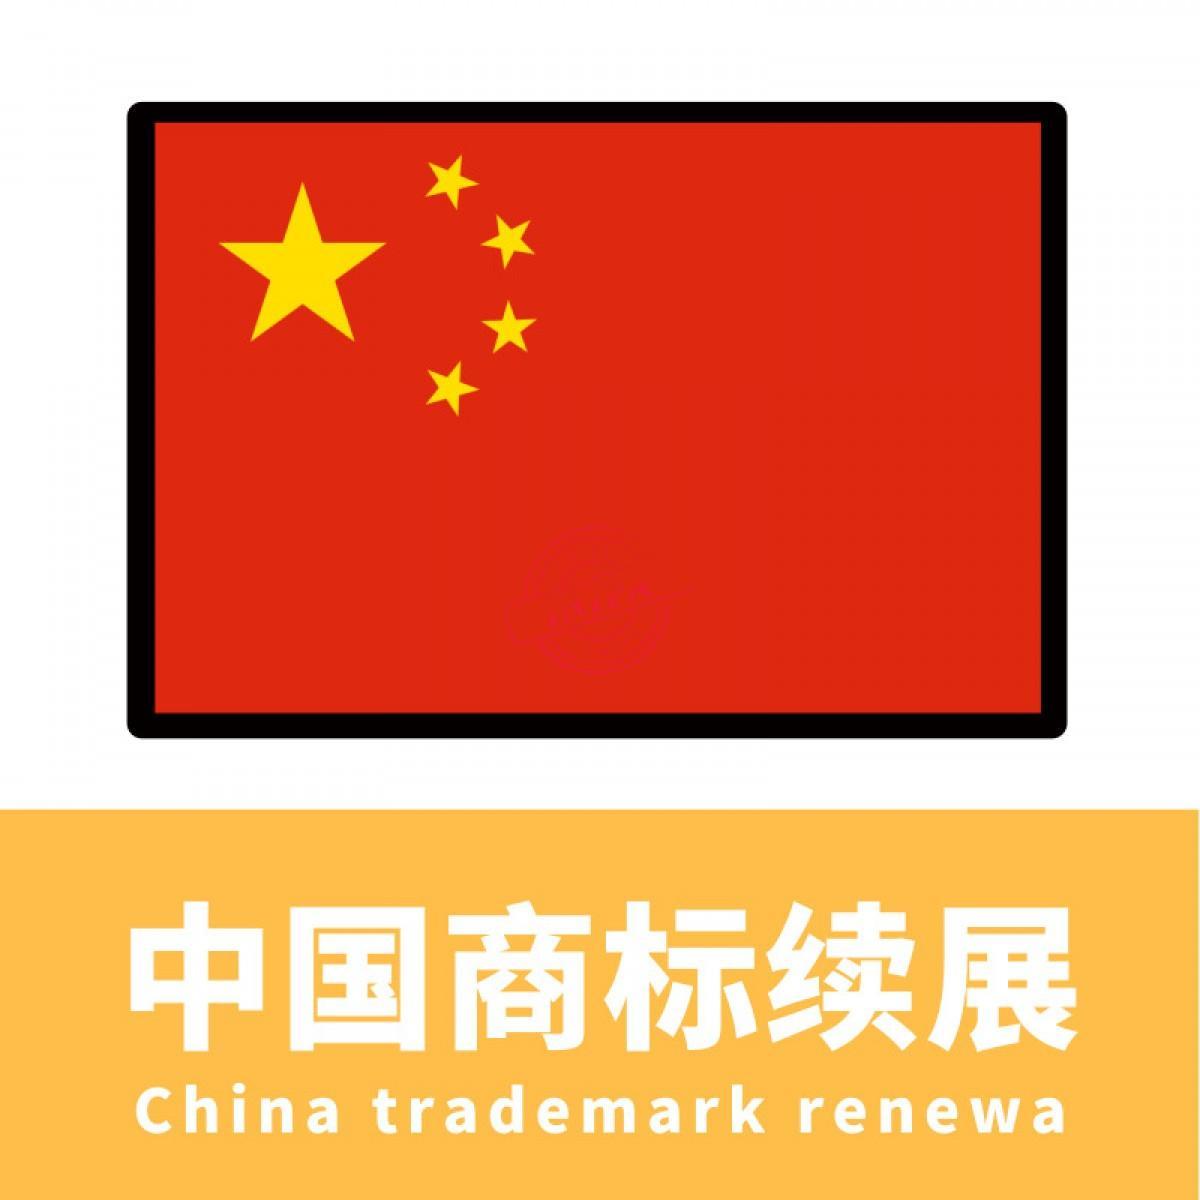 中国商标续展/China trademark renewal